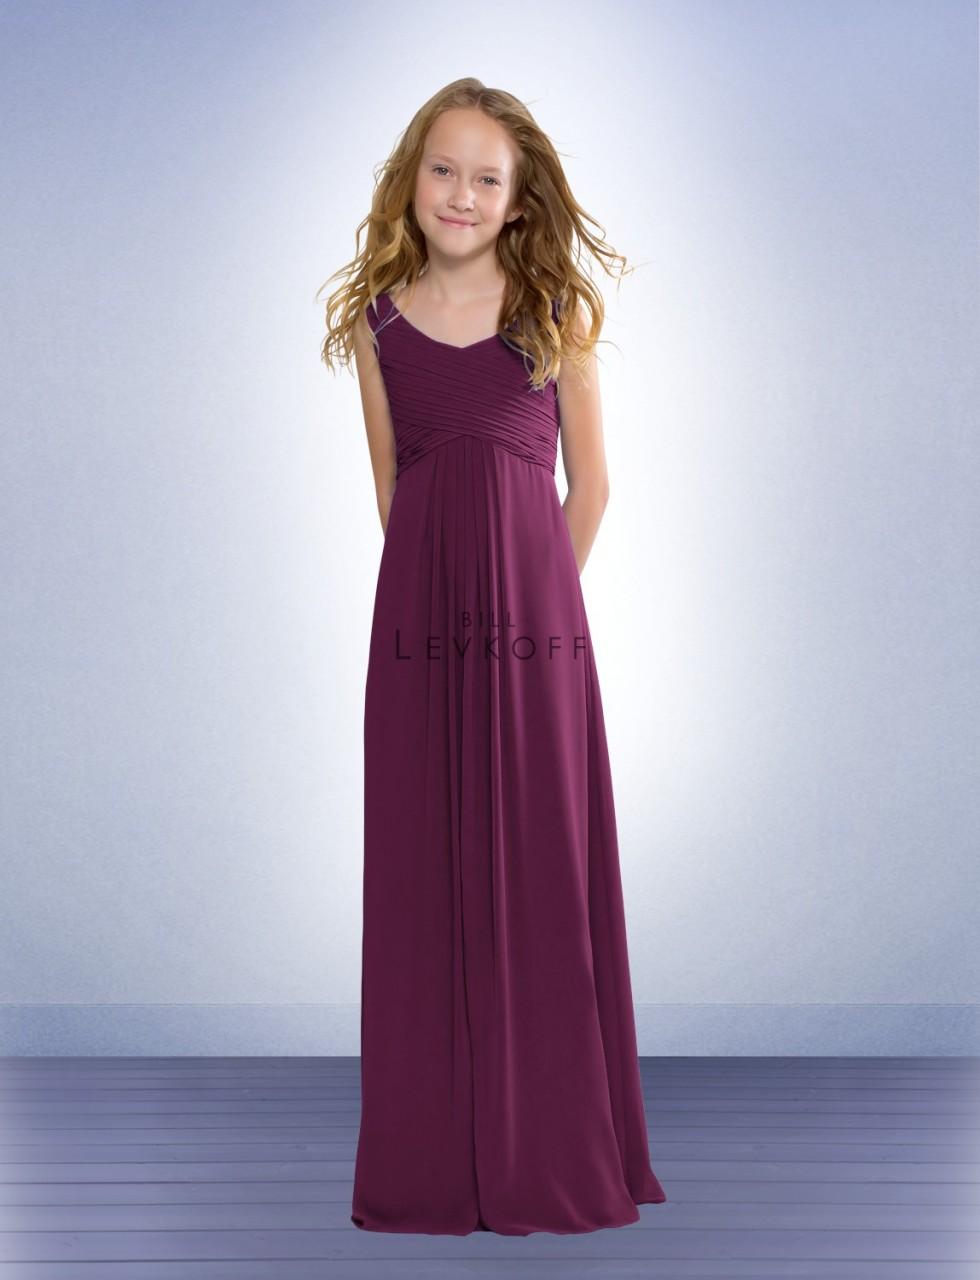 Bill levkoff junior bridesmaid style 53702 bill levkoff junior bridesmaid dress style 53702 ombrellifo Images